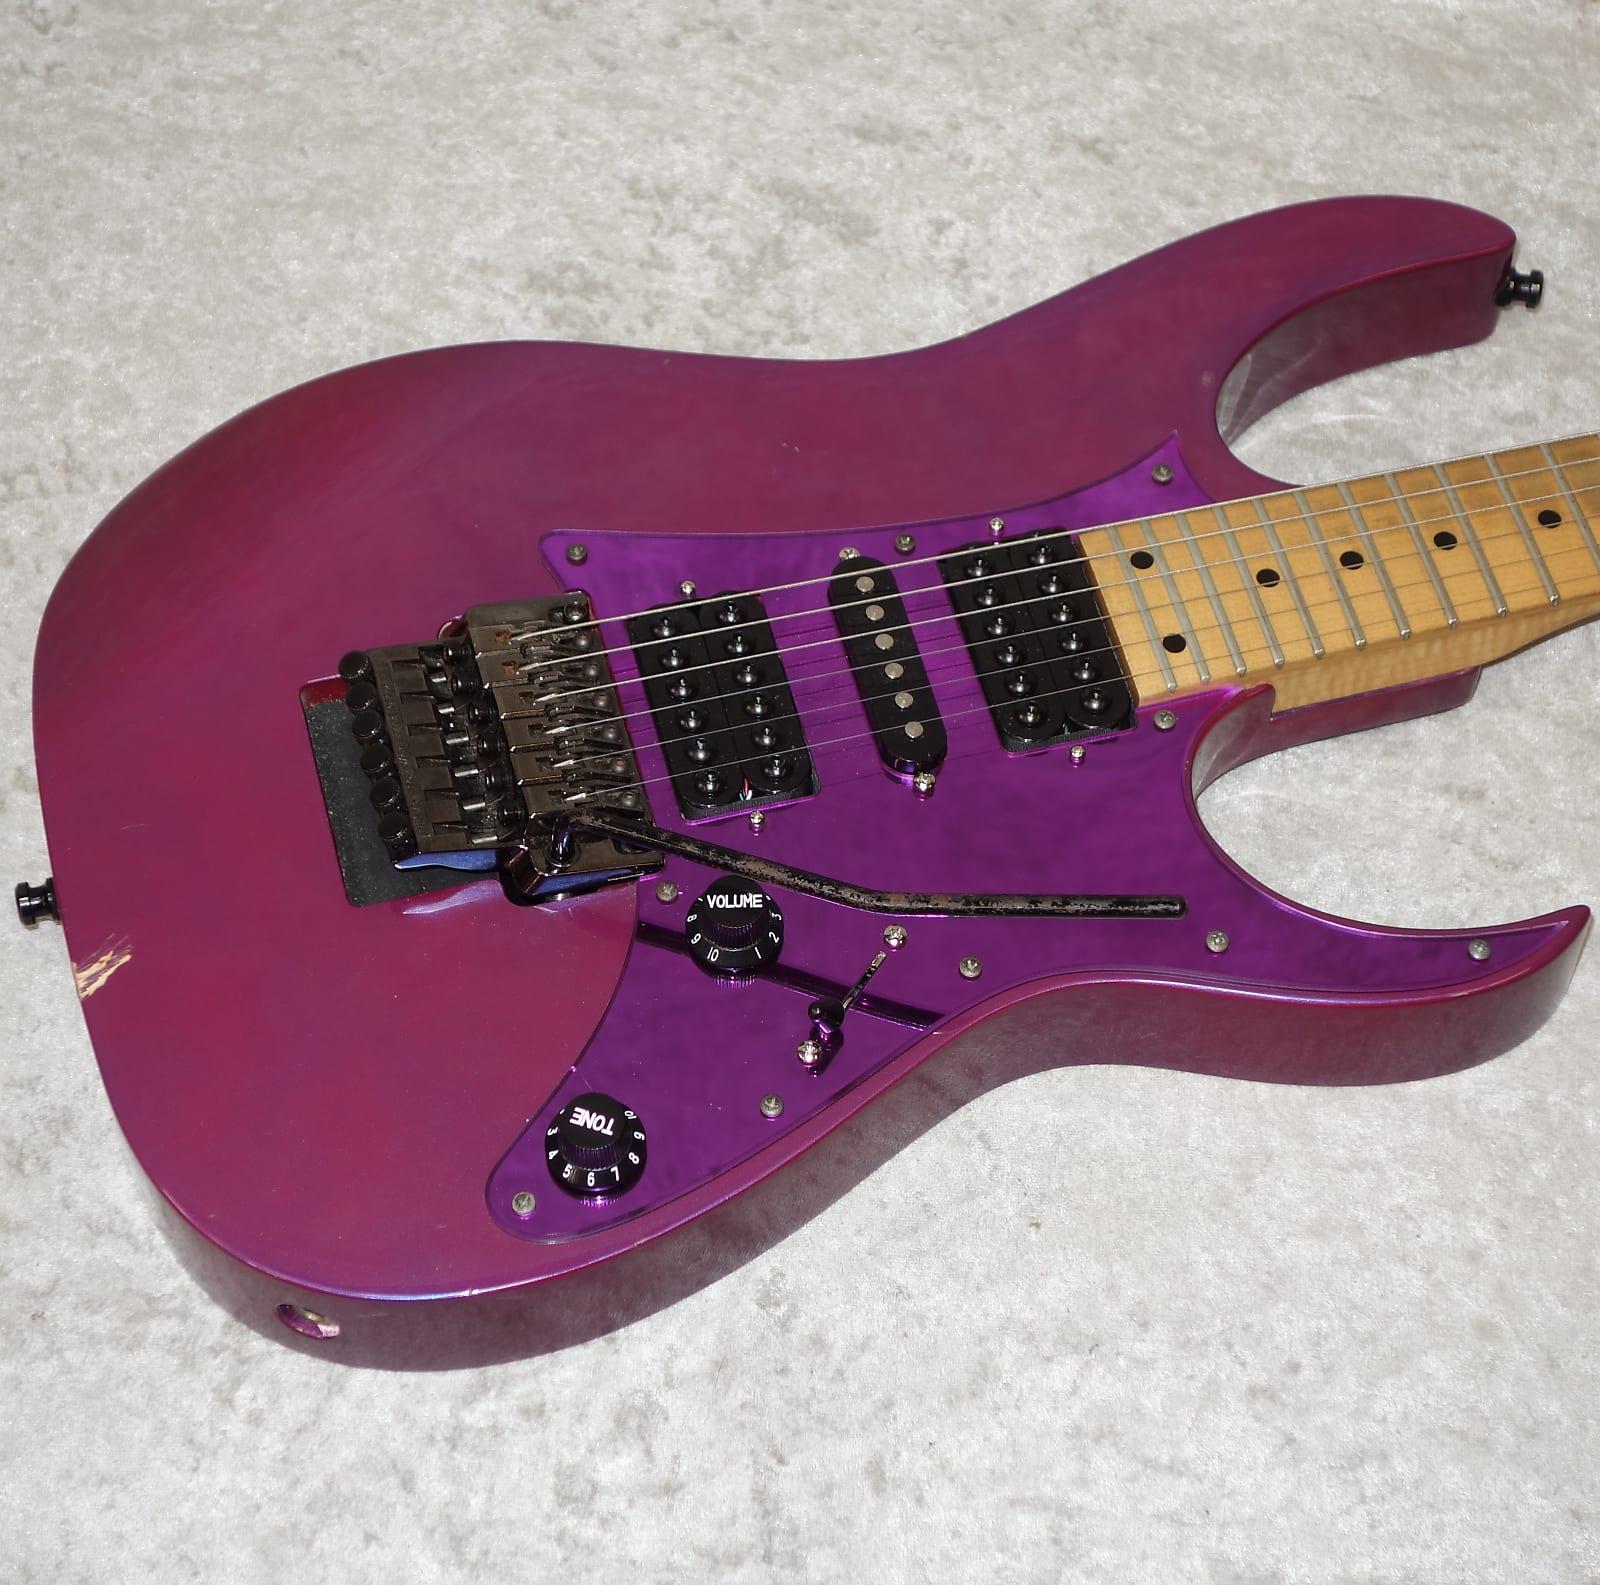 1991 Made in Japan Ibanez RG Series RG550 in metallic purple finish w/  Invaders